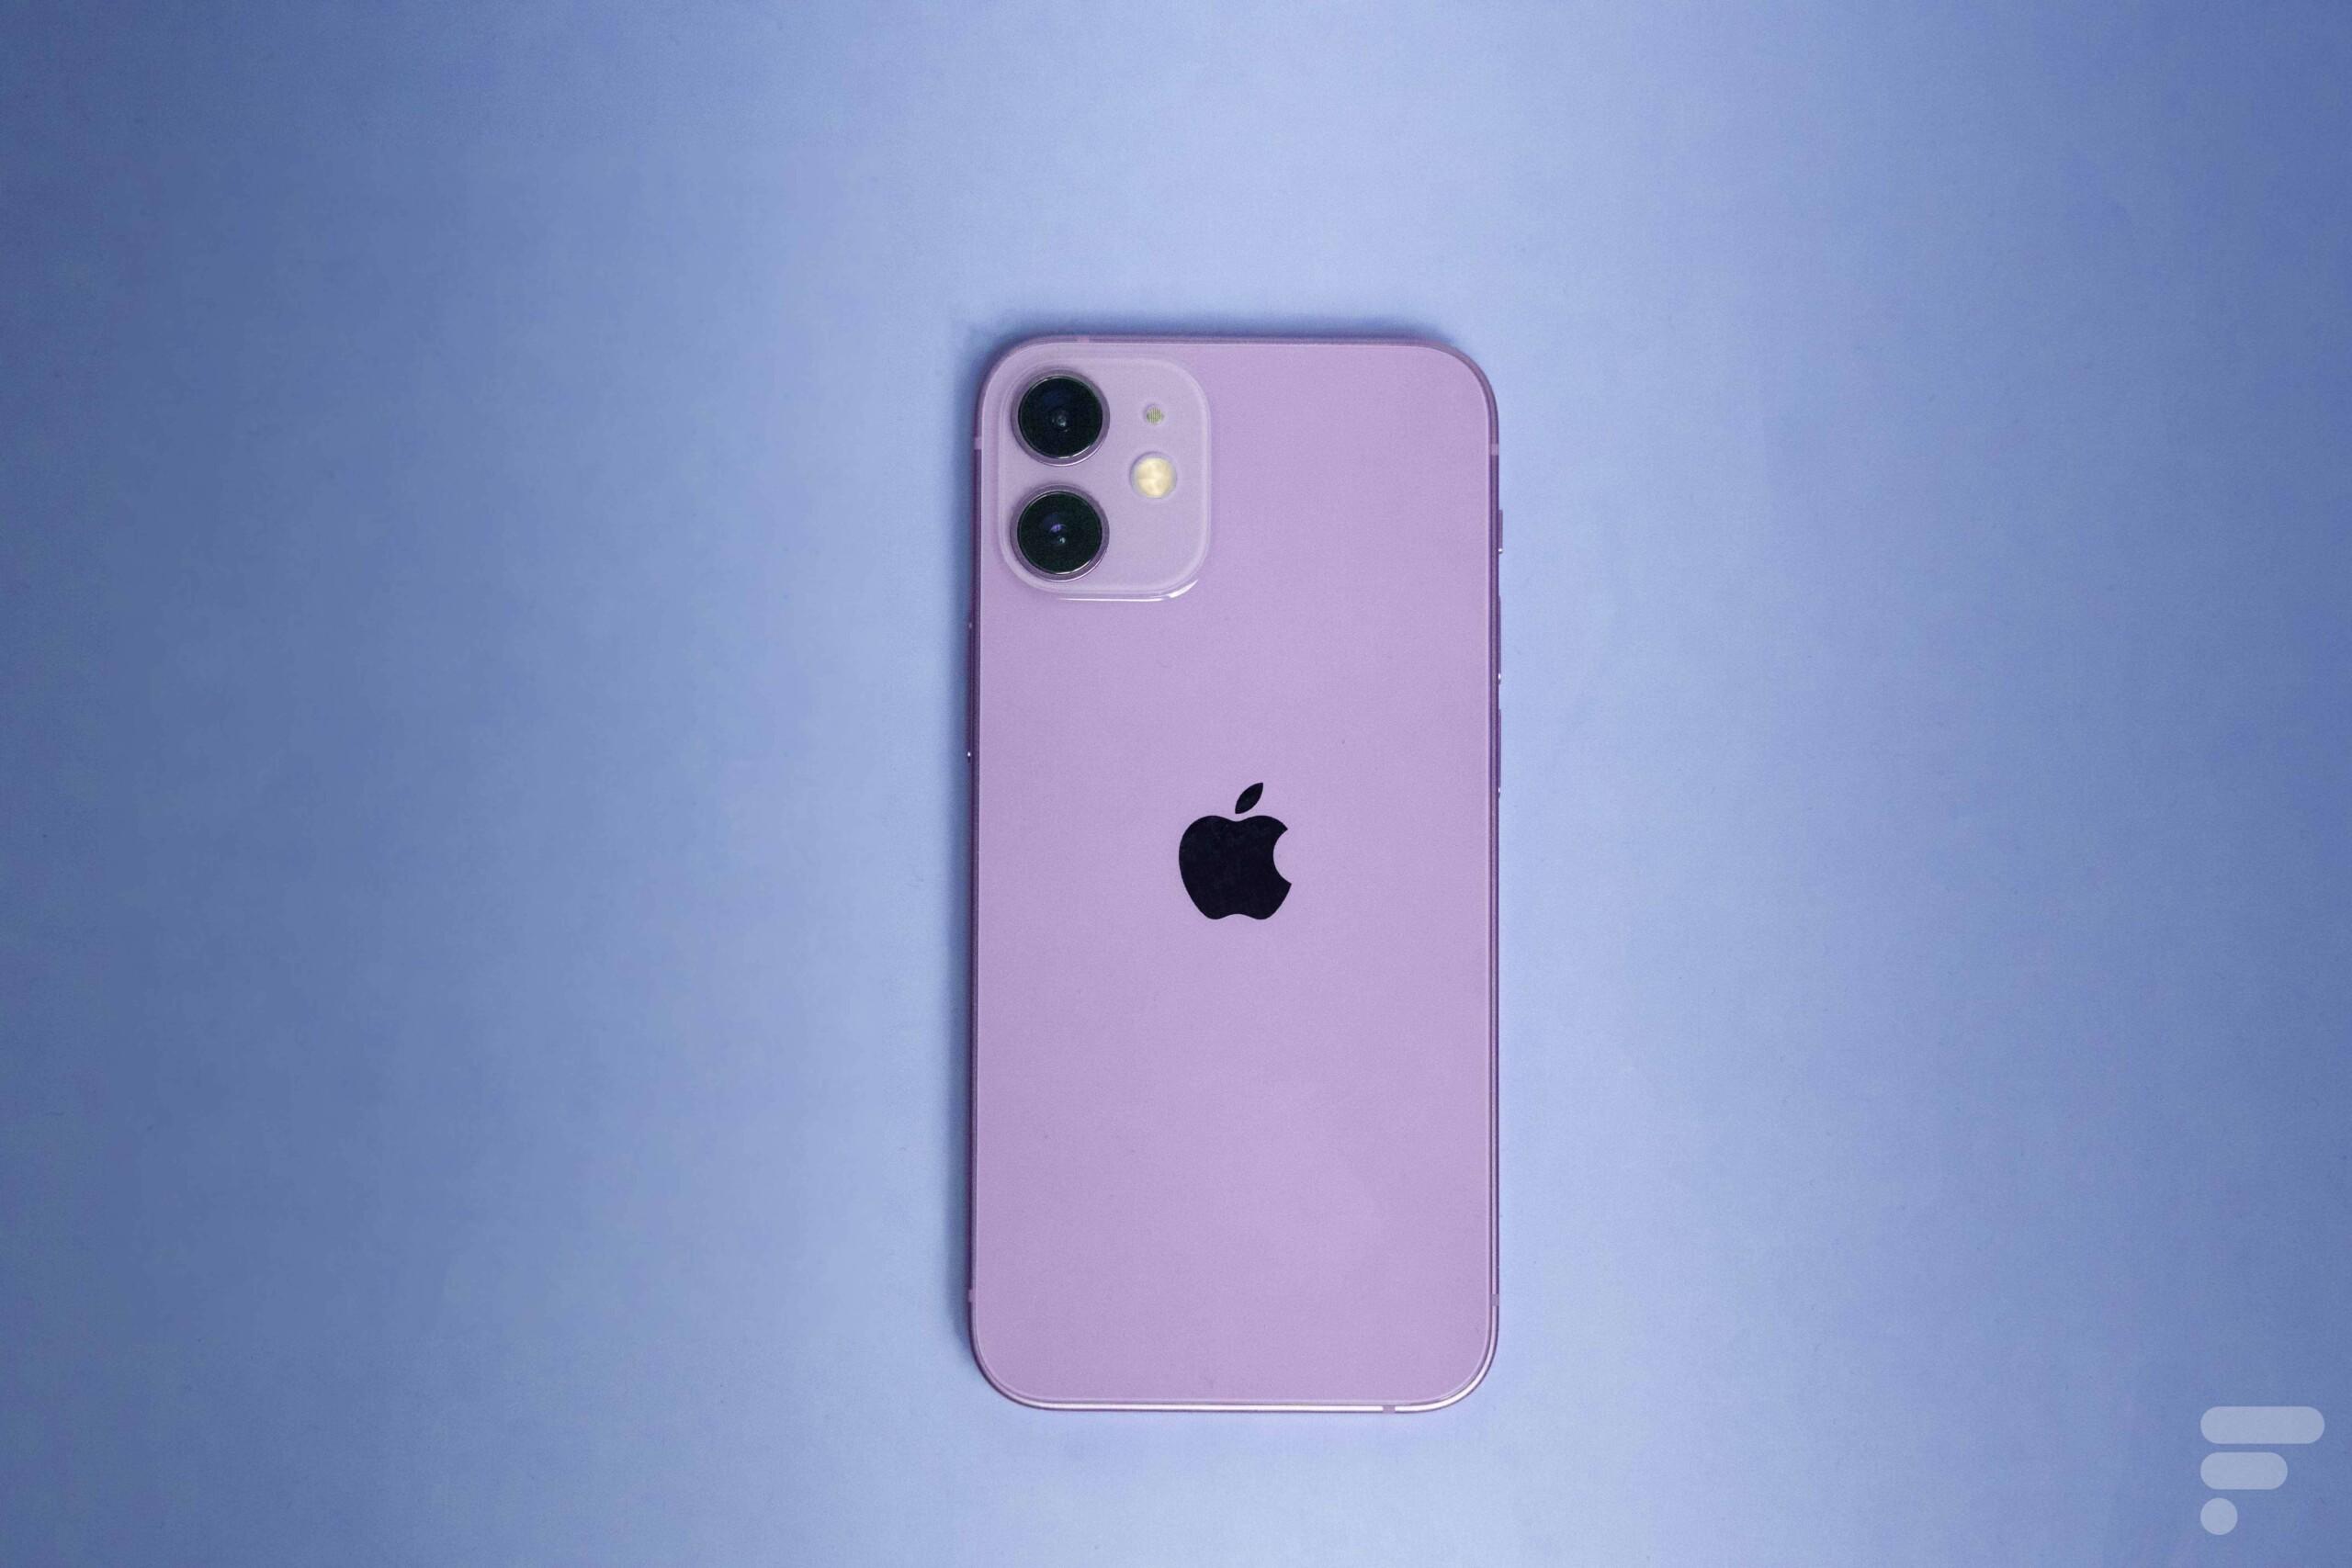 Ici l'iPhone12 et son nouveau coloris mauve, pour illustration